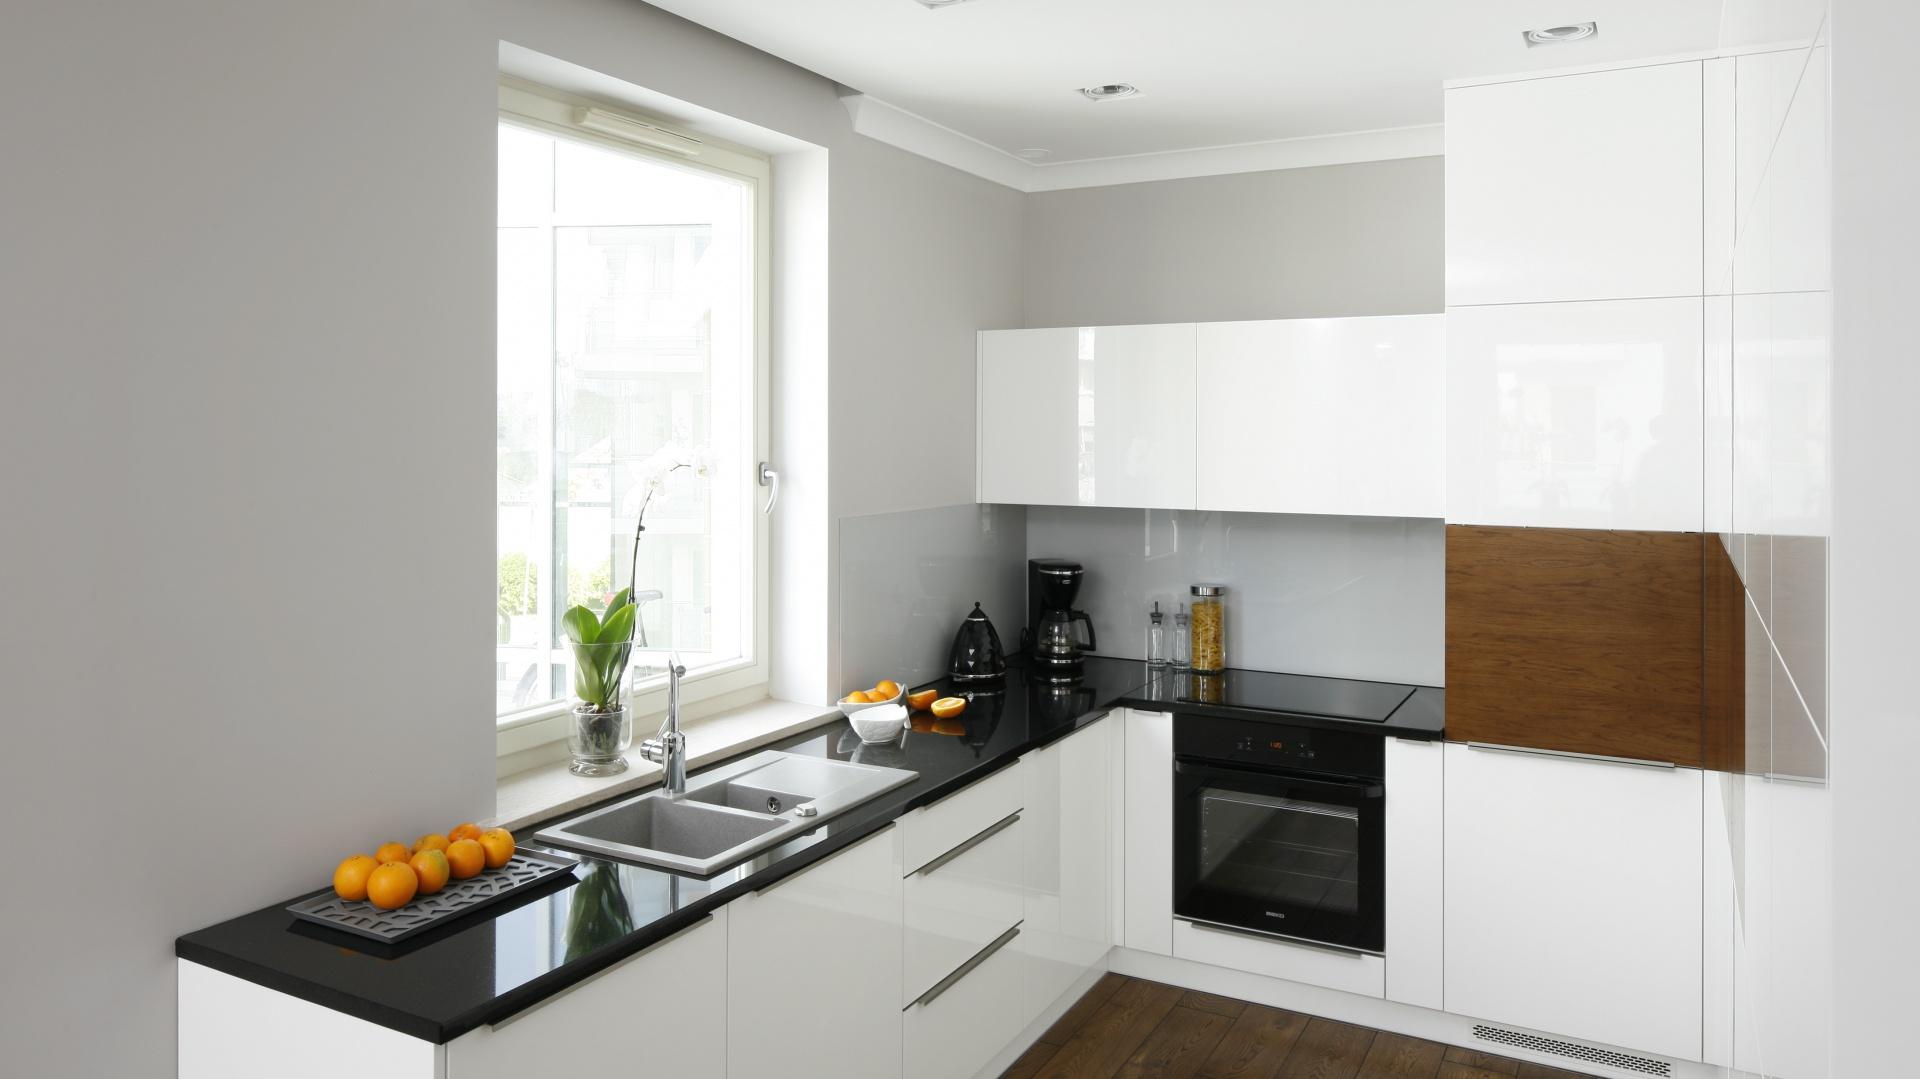 Meble kuchenne zyskały Mała kuchnia Zobacz jak   -> Mala Kuchnia Jak Ją Urządzić